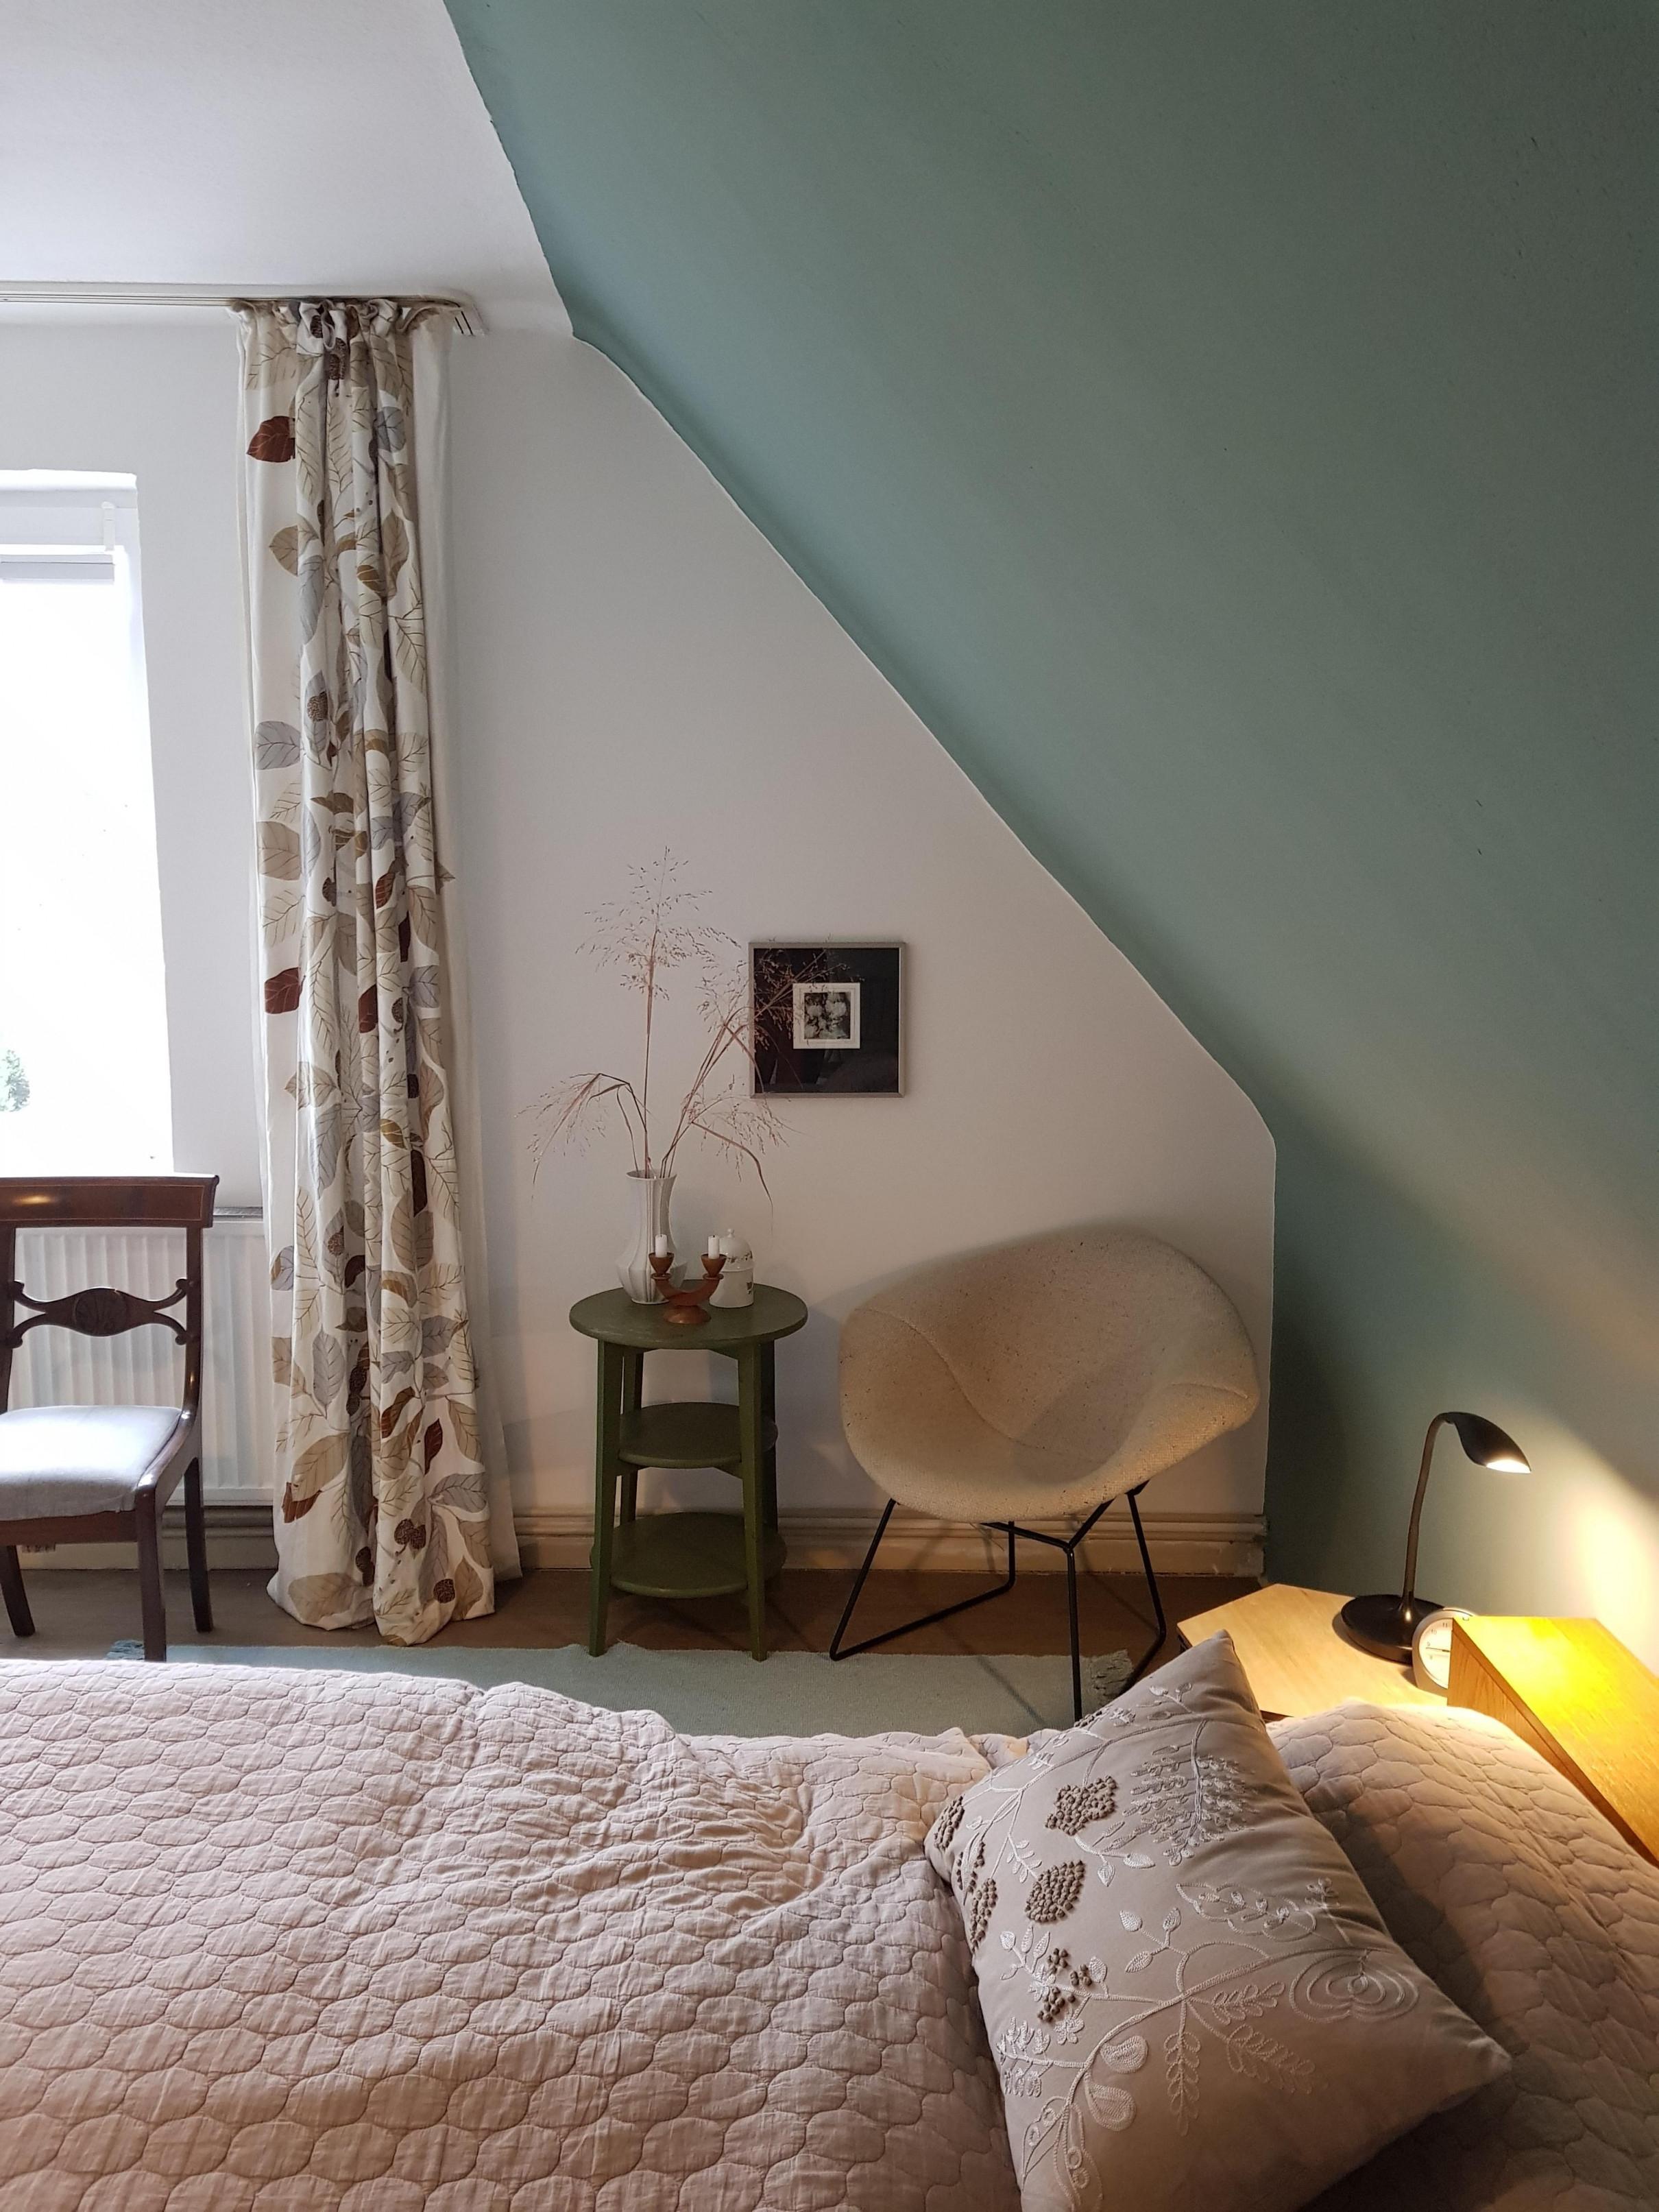 Dachschrägen Platz Optimal Ausnutzen So Geht's von Wohnzimmer Ideen Dachschräge Bild